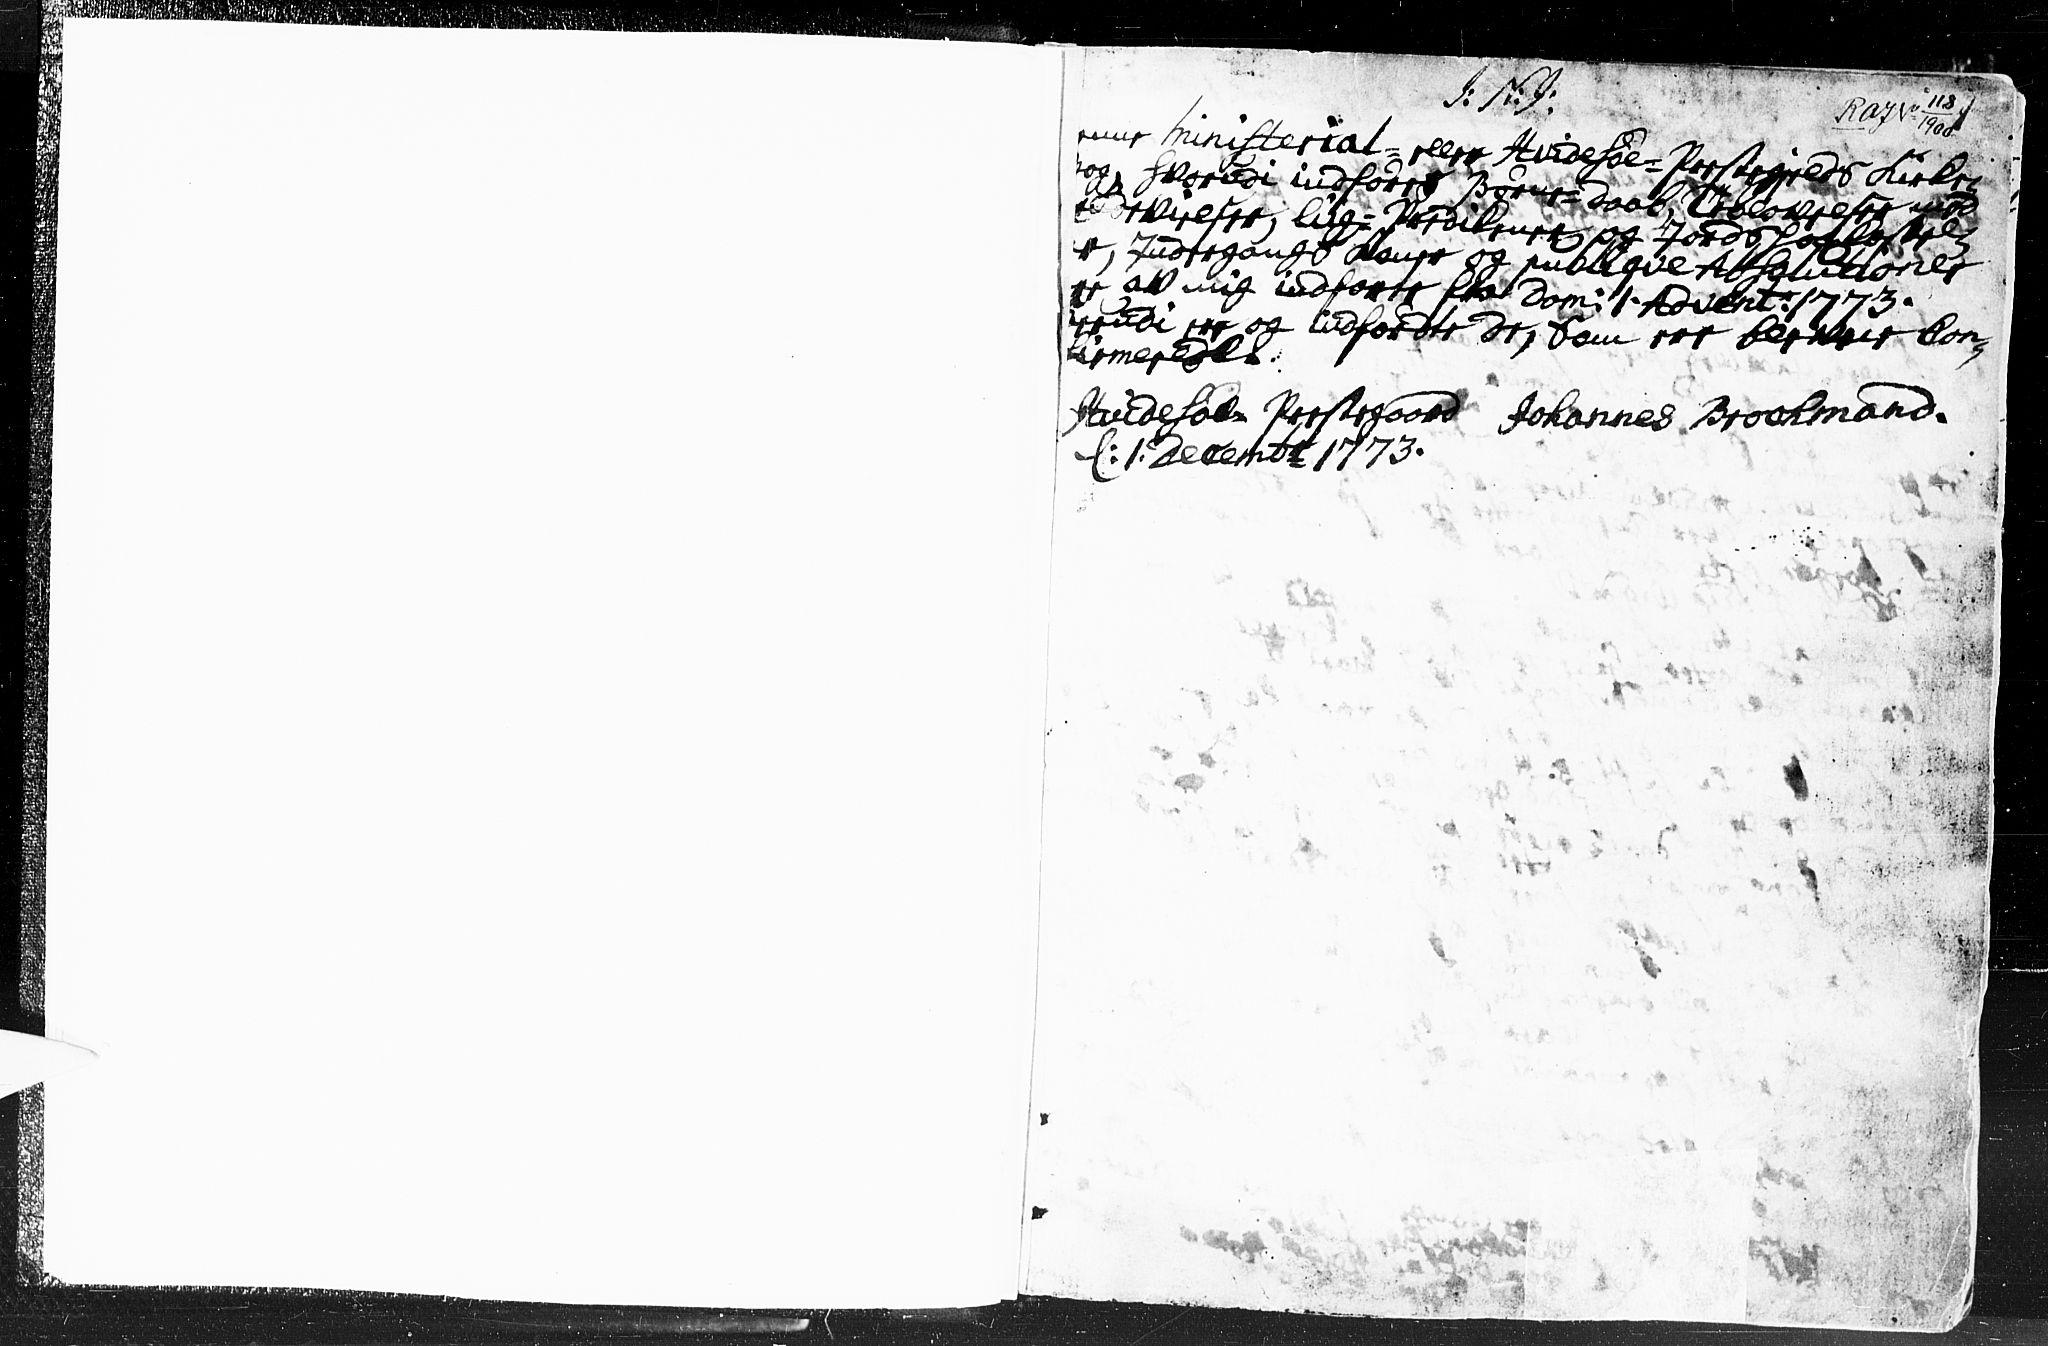 SAKO, Kviteseid kirkebøker, F/Fa/L0002: Ministerialbok nr. I 2, 1773-1786, s. 1